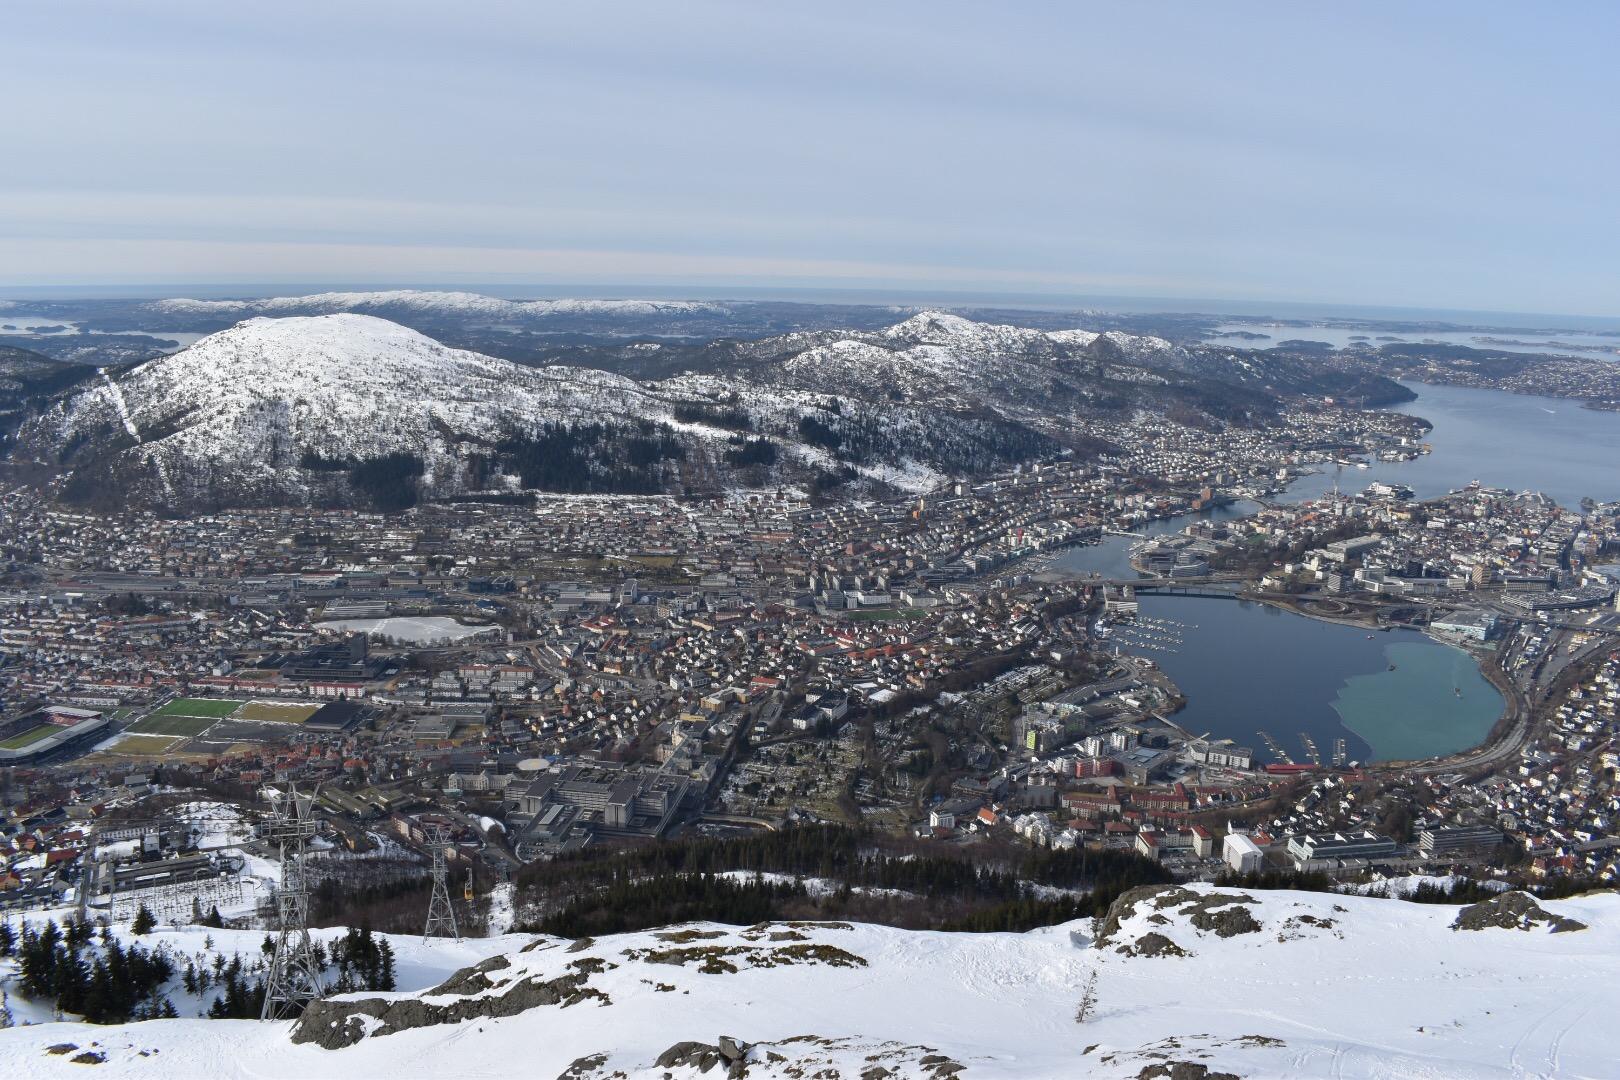 The City Of Bergen As Seen From Mount Uliriken, Norway